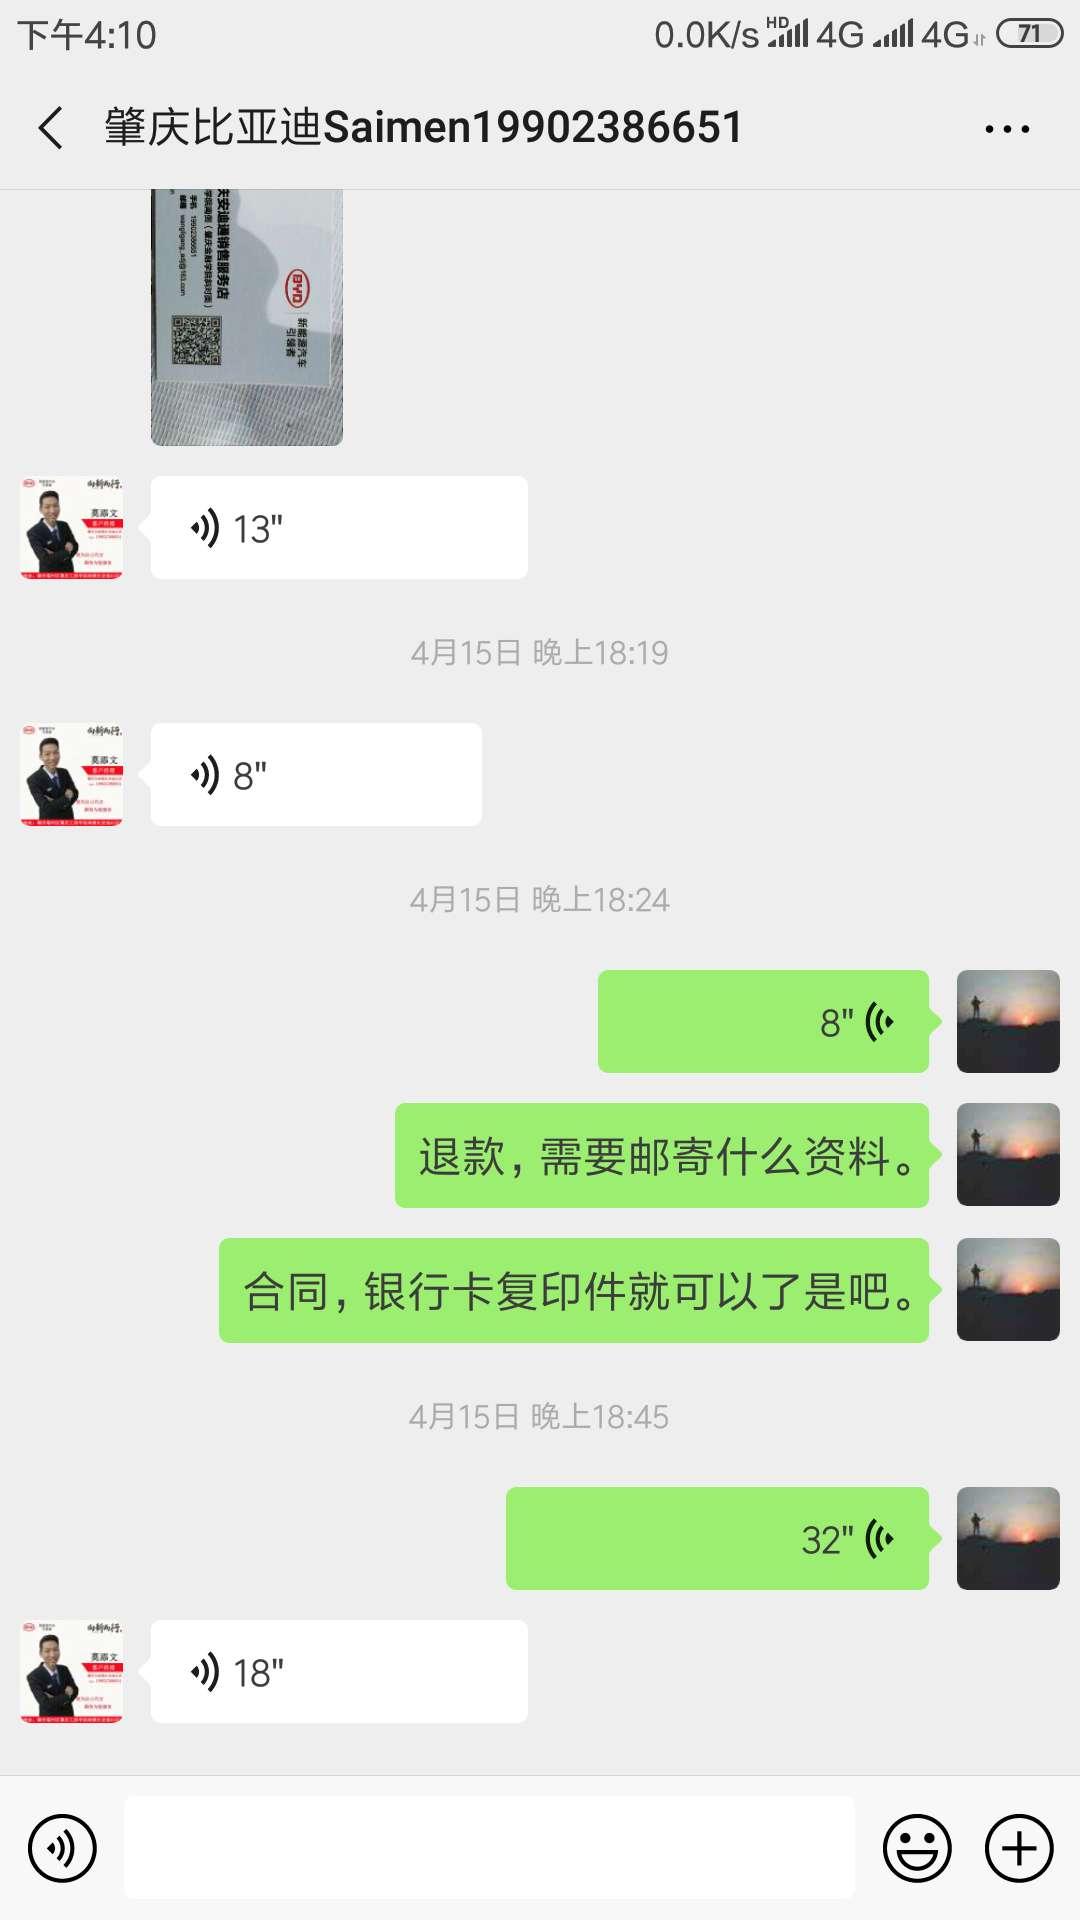 肇庆安迪通比亚迪4s店消费欺诈